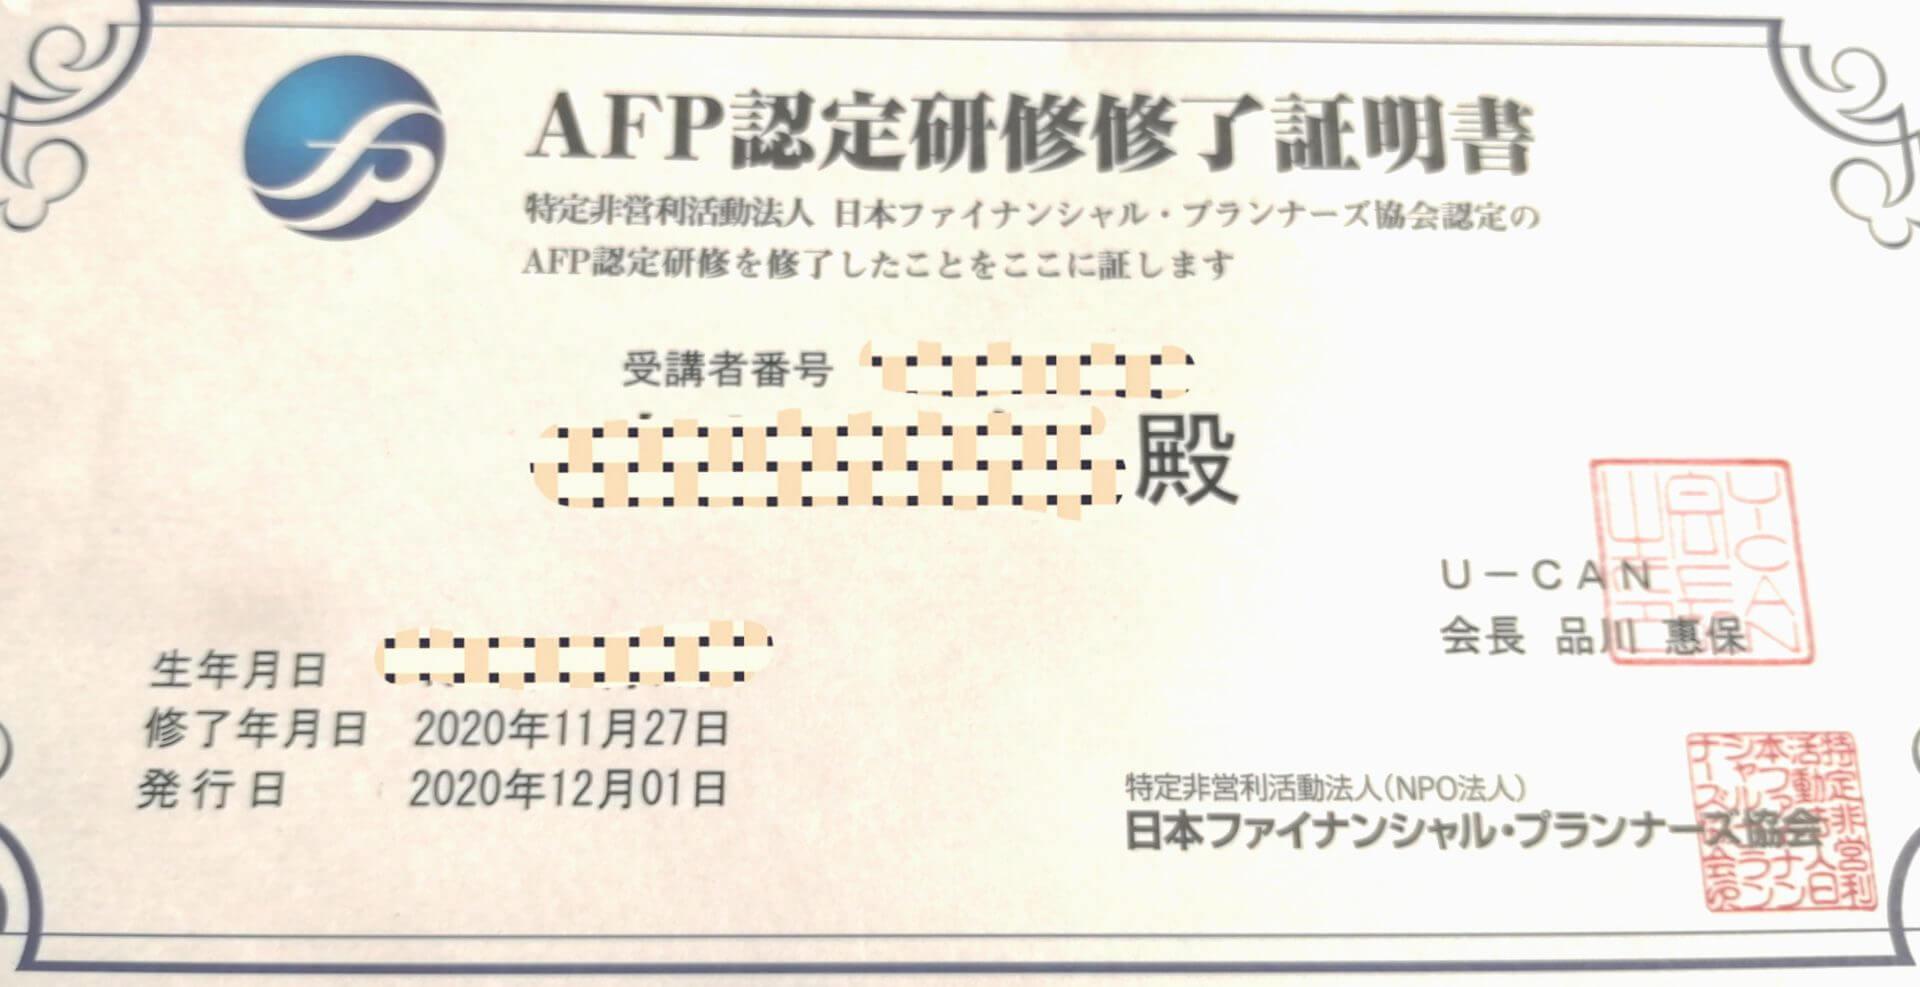 AFP認定研修修了ユーキャン